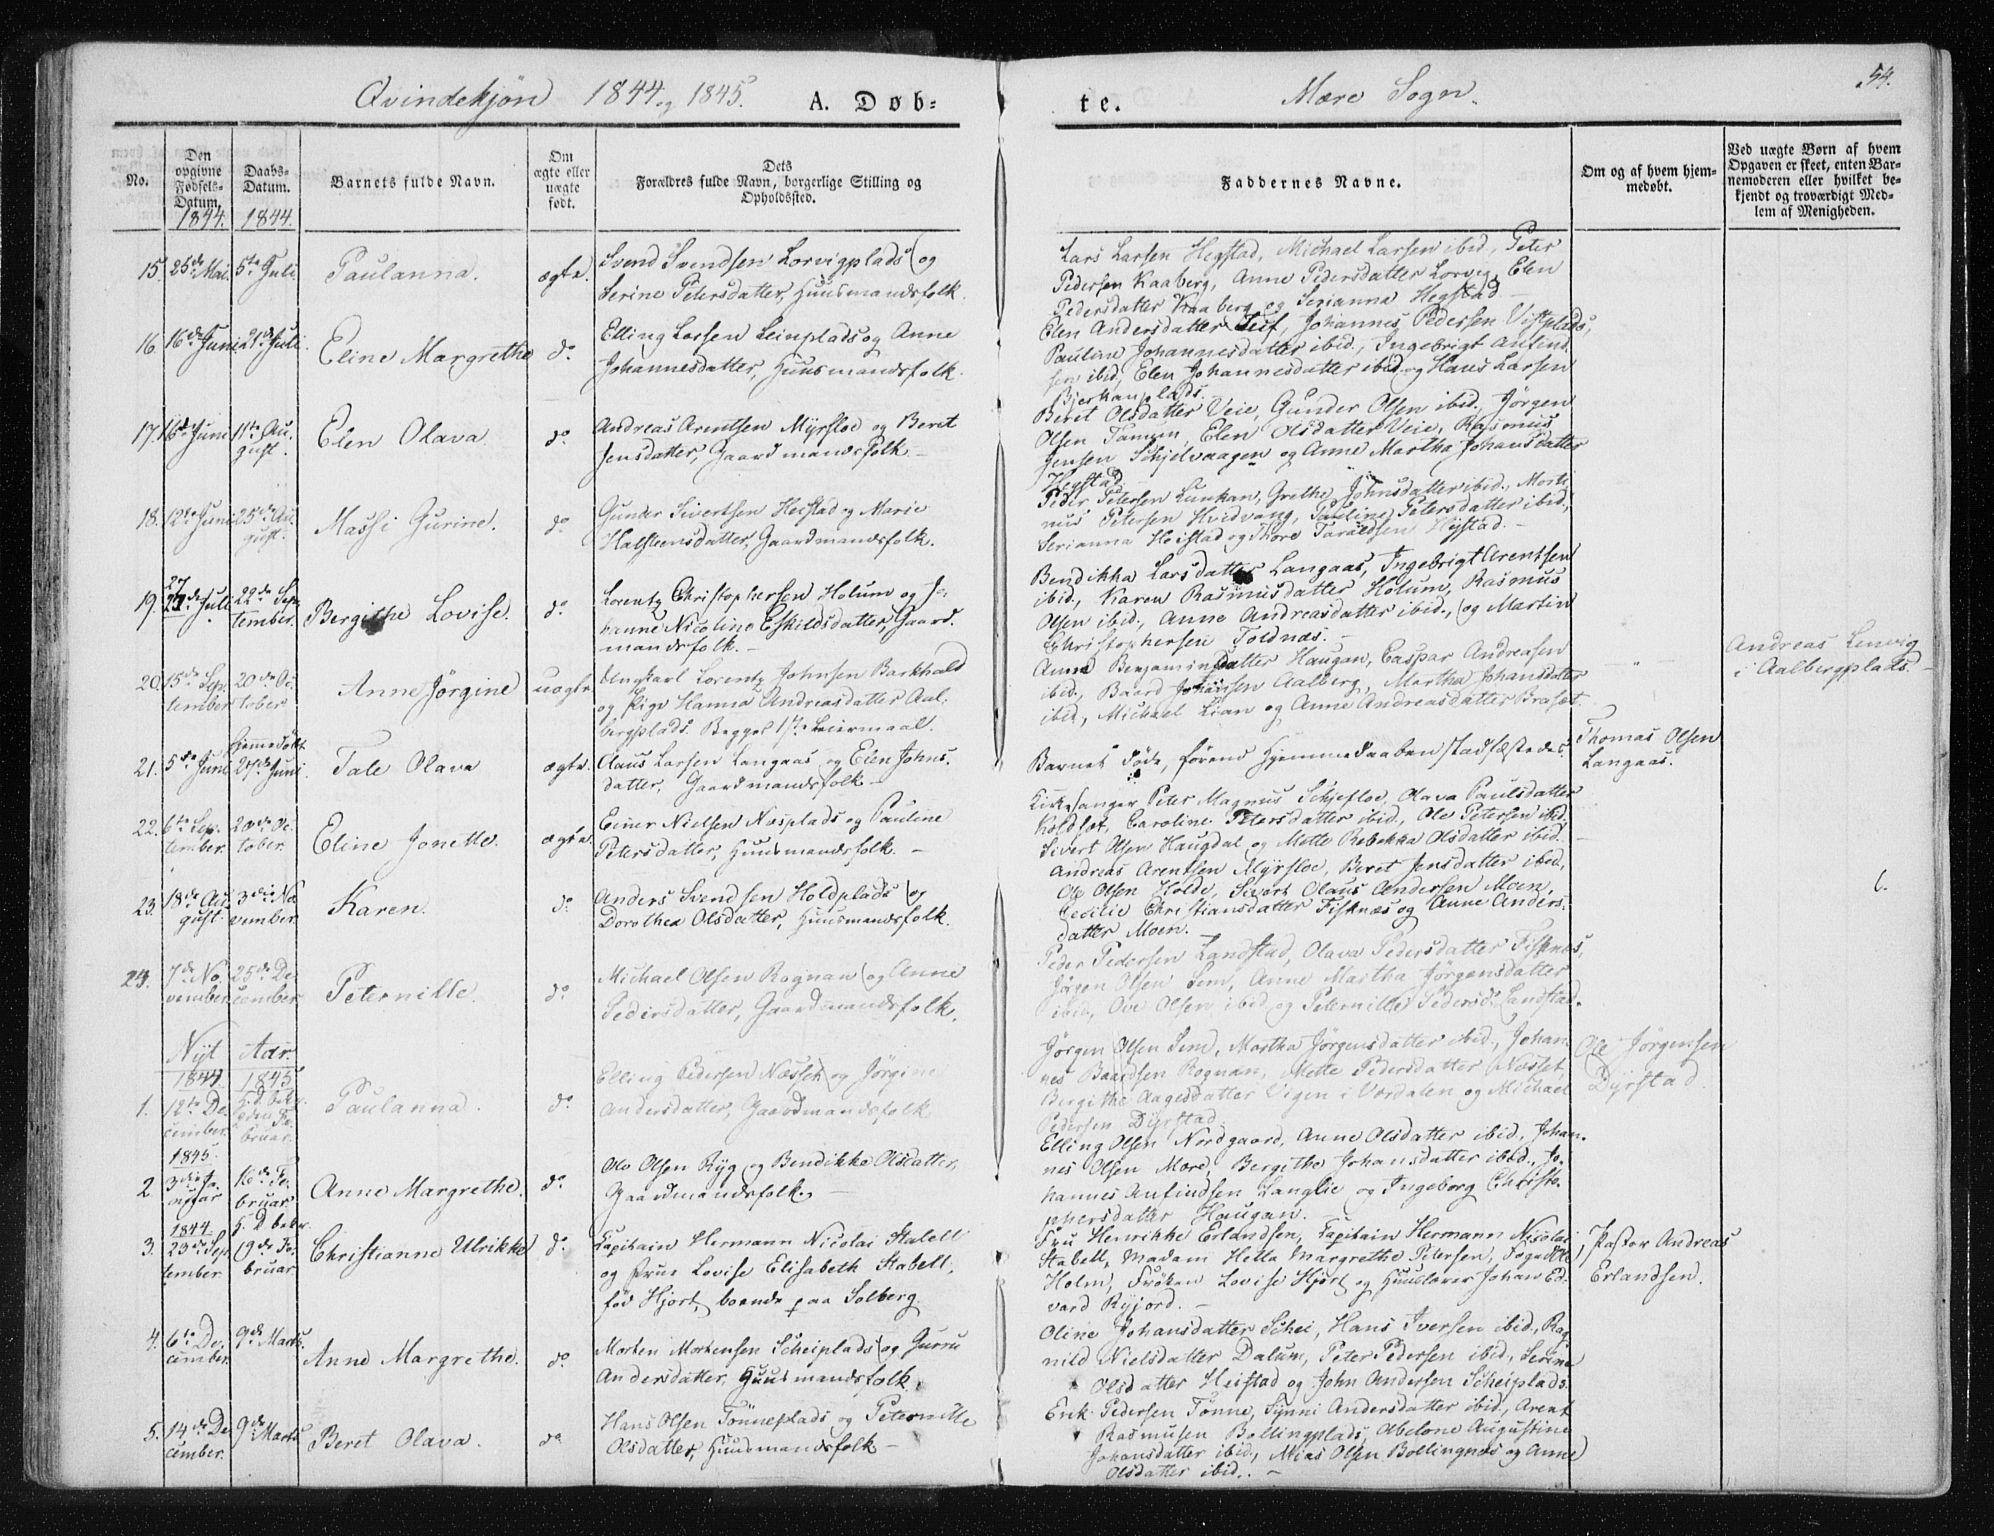 SAT, Ministerialprotokoller, klokkerbøker og fødselsregistre - Nord-Trøndelag, 735/L0339: Ministerialbok nr. 735A06 /1, 1836-1848, s. 54